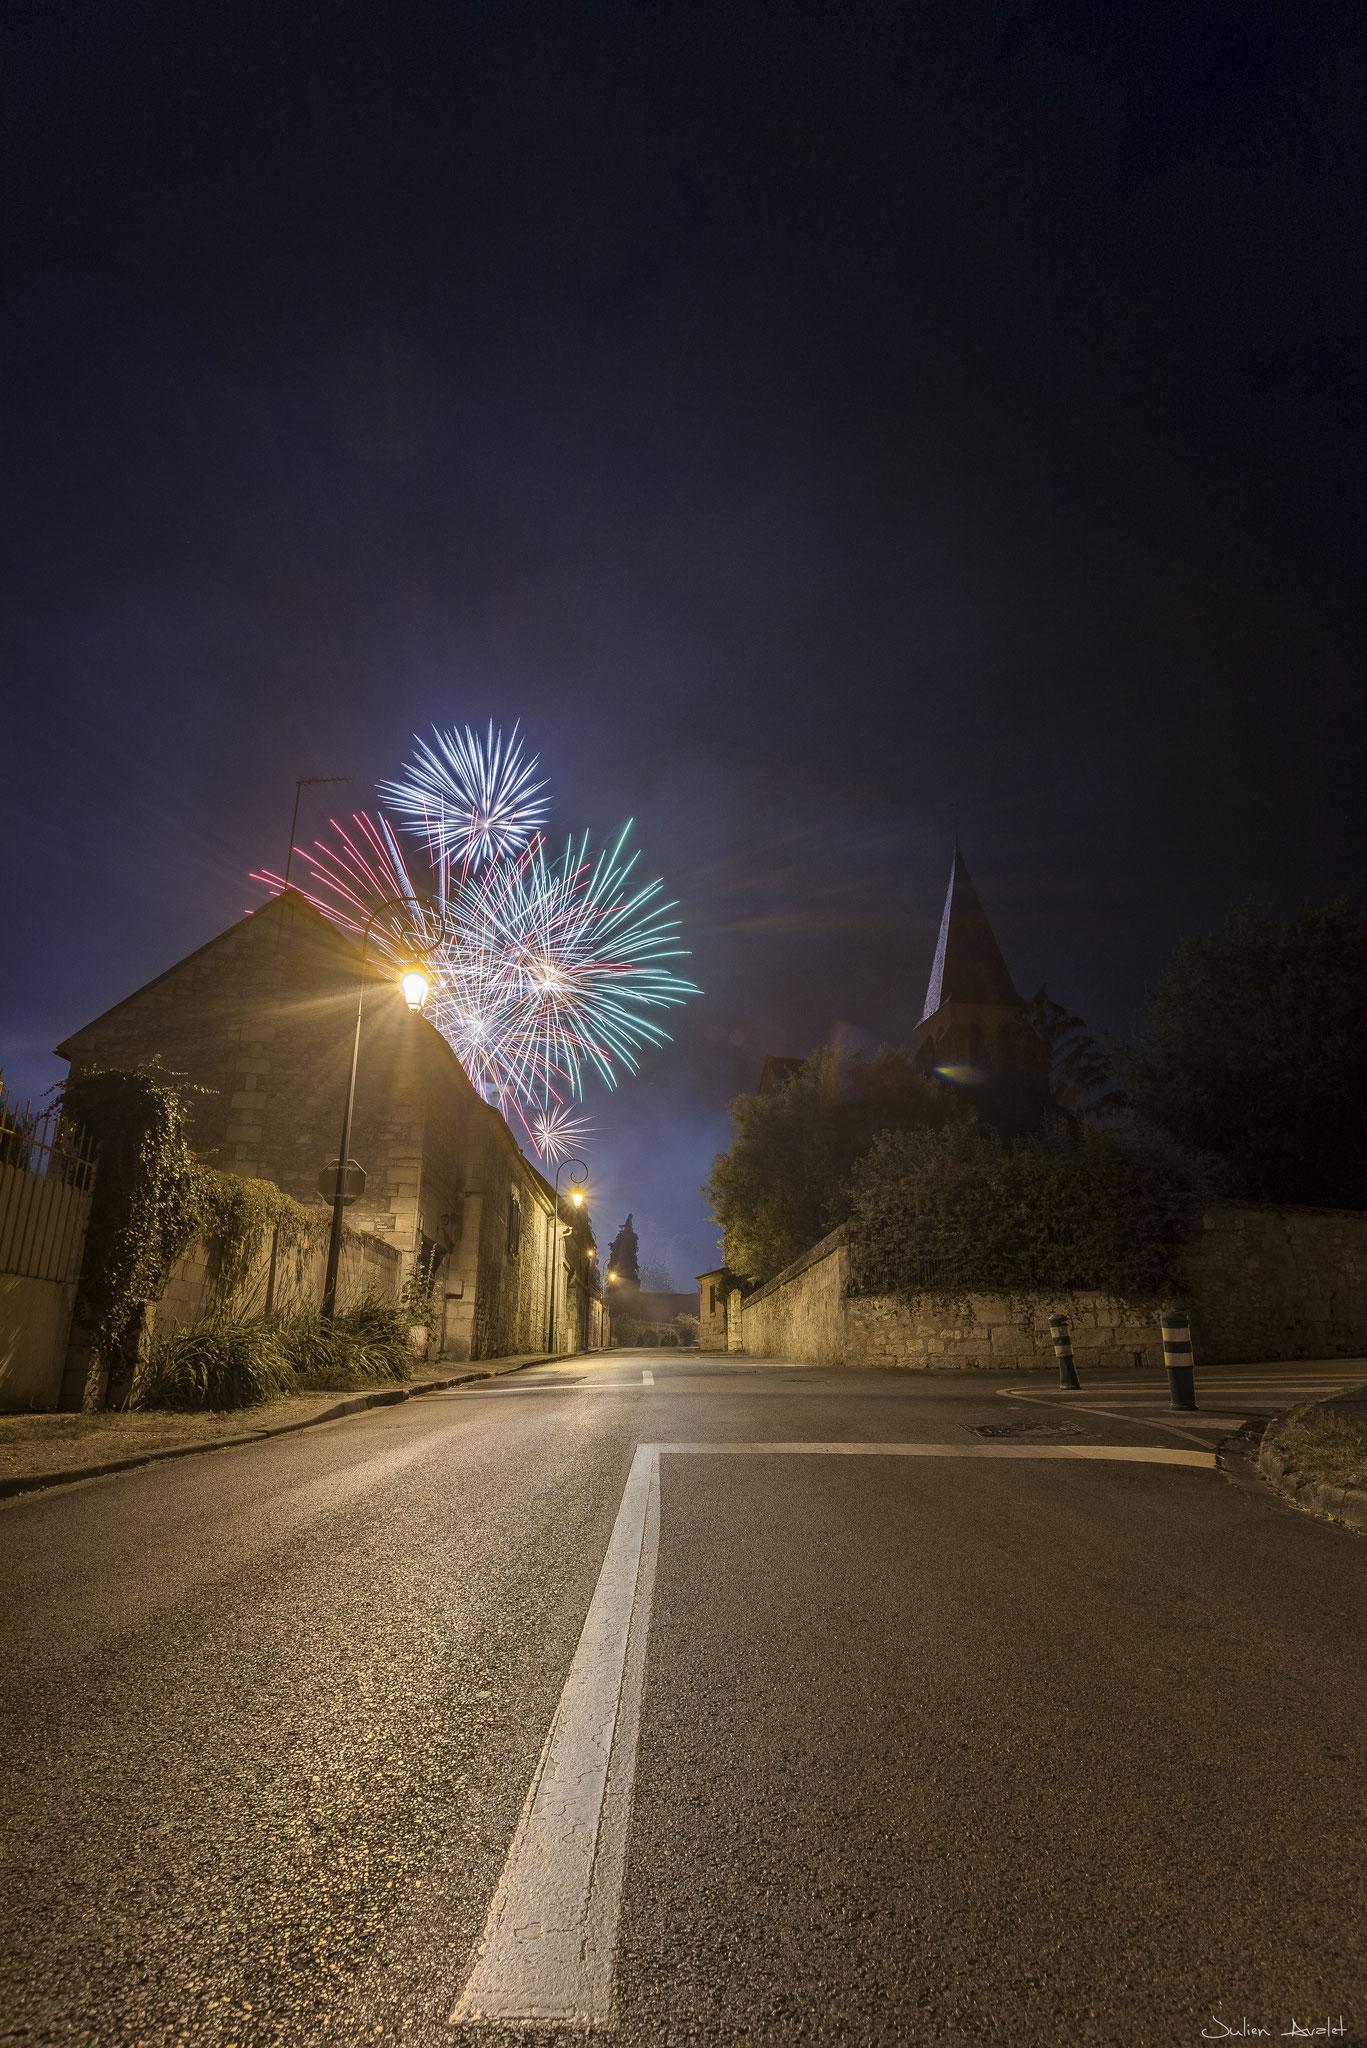 Feux d'artifice à Neuilly sous Clermont 60 (Oise) le 13 juillet 2018